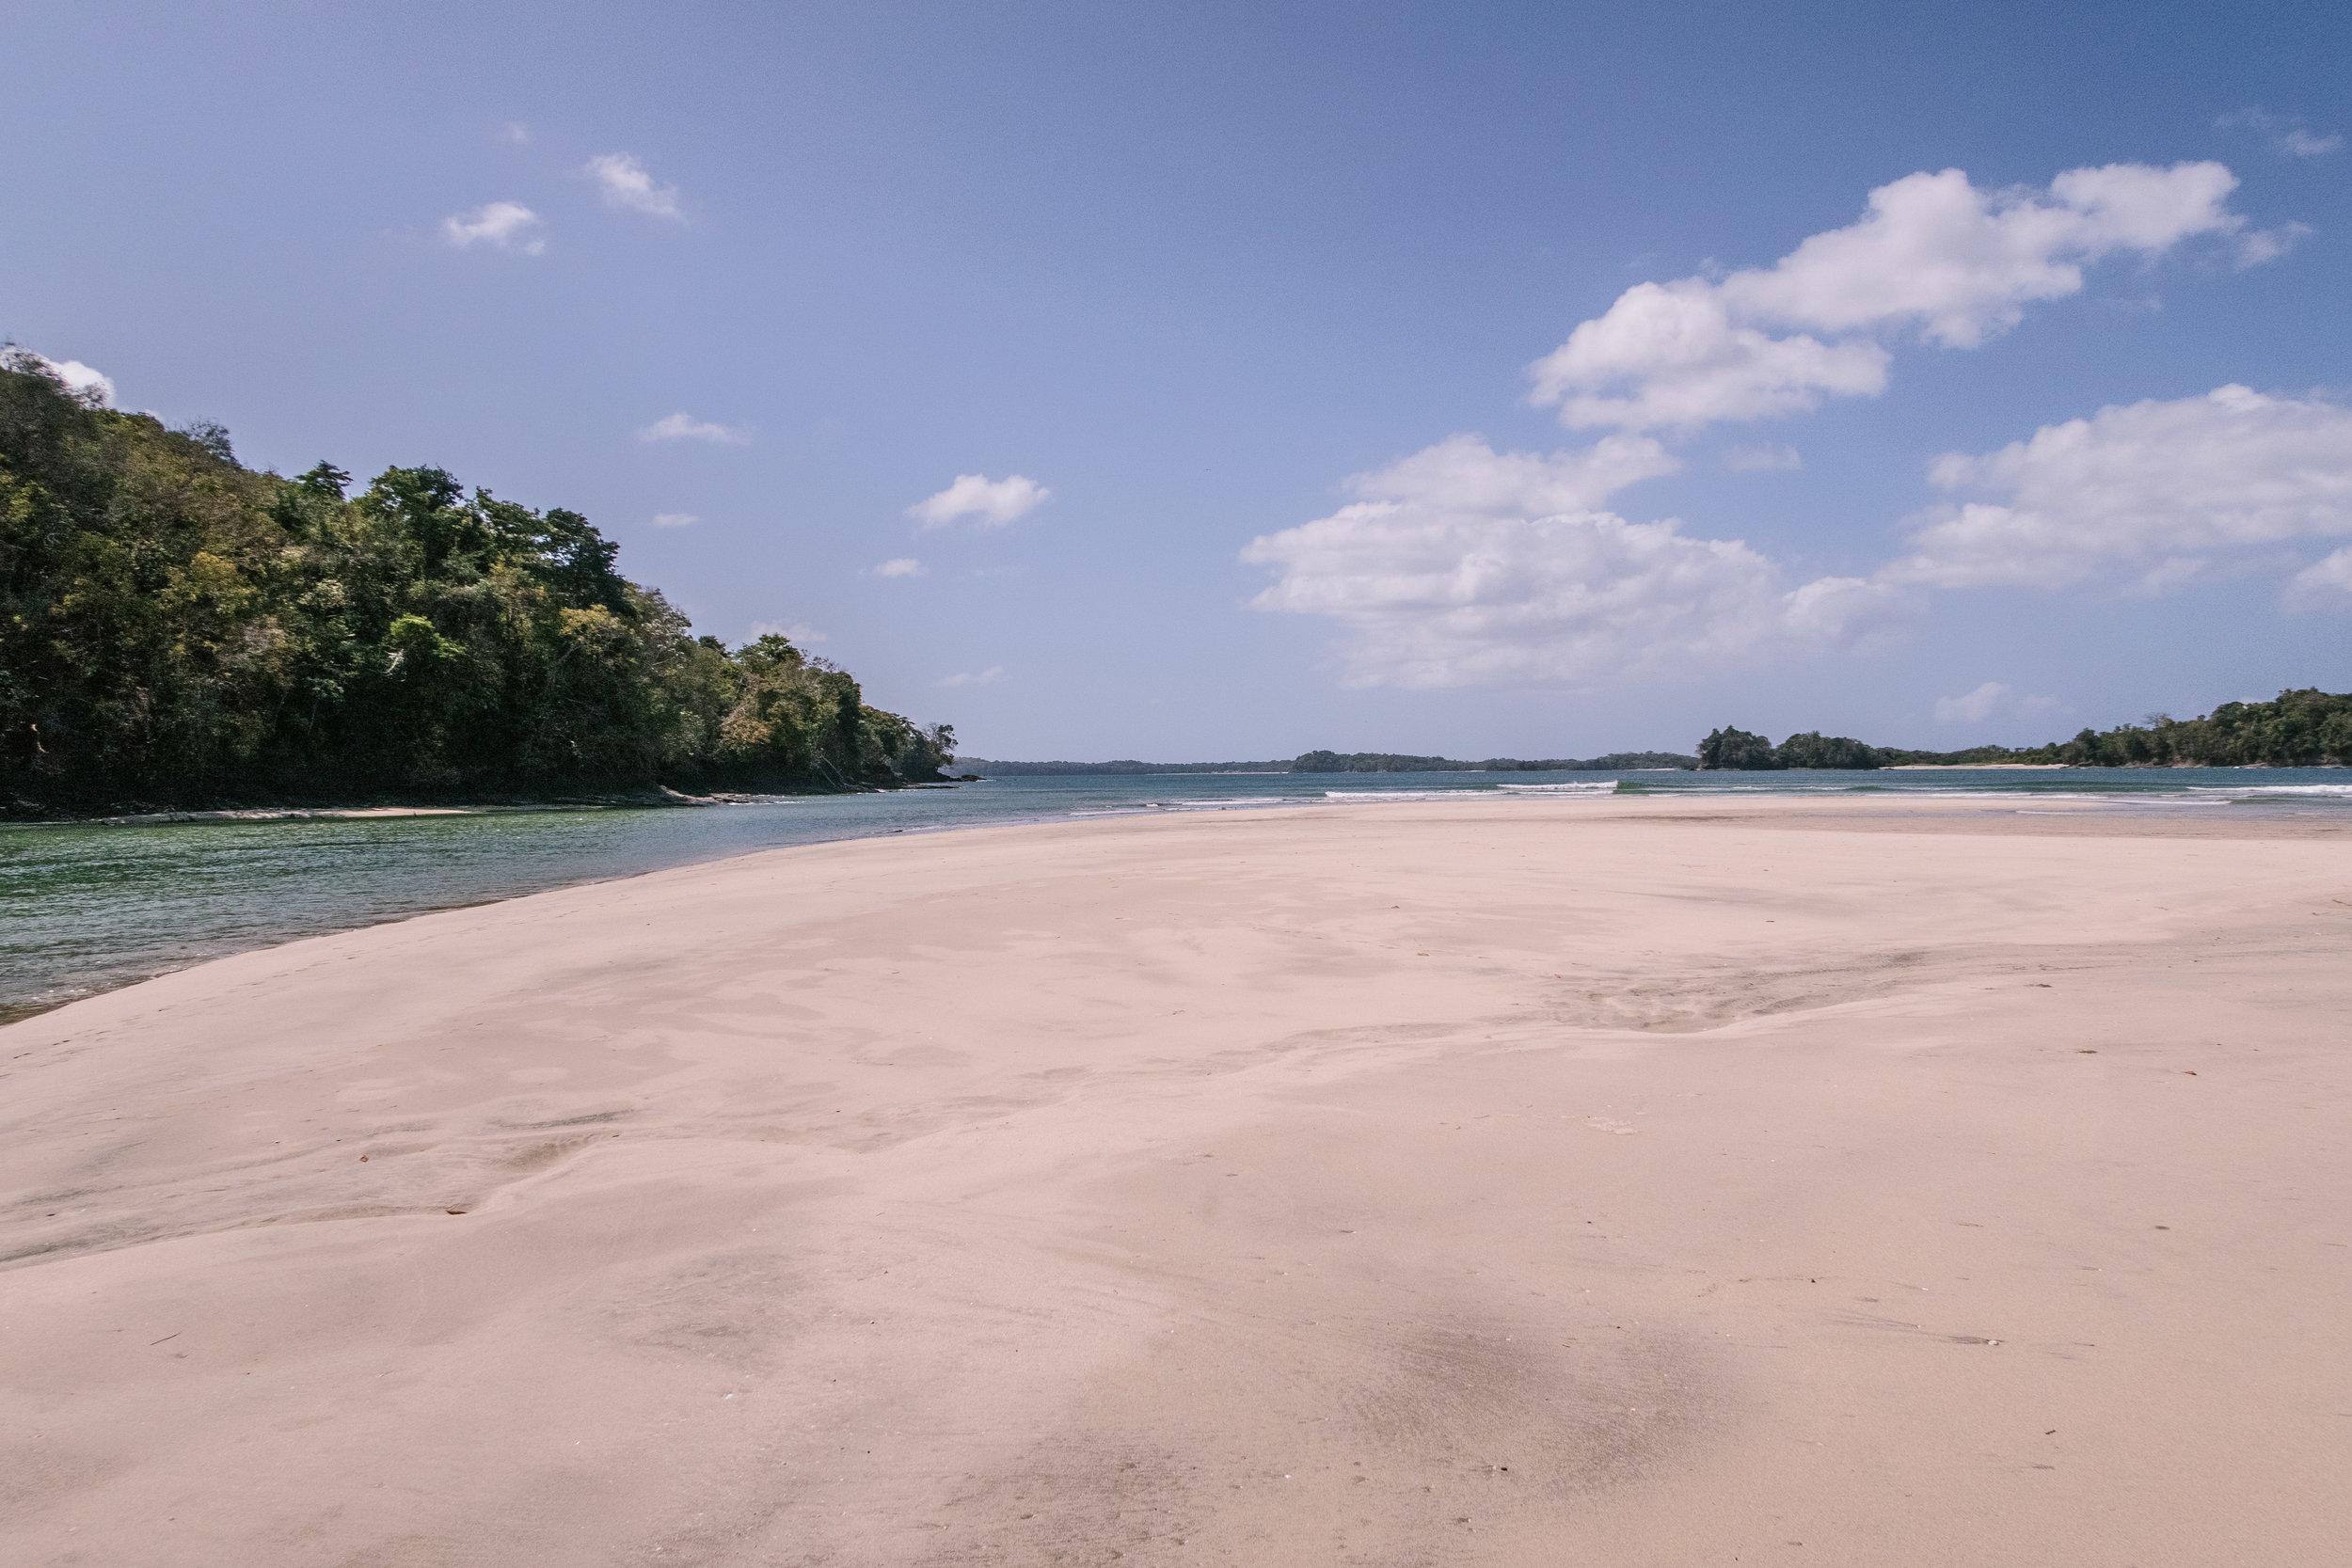 End of our walk along Rio Cacique - Isla del Rey